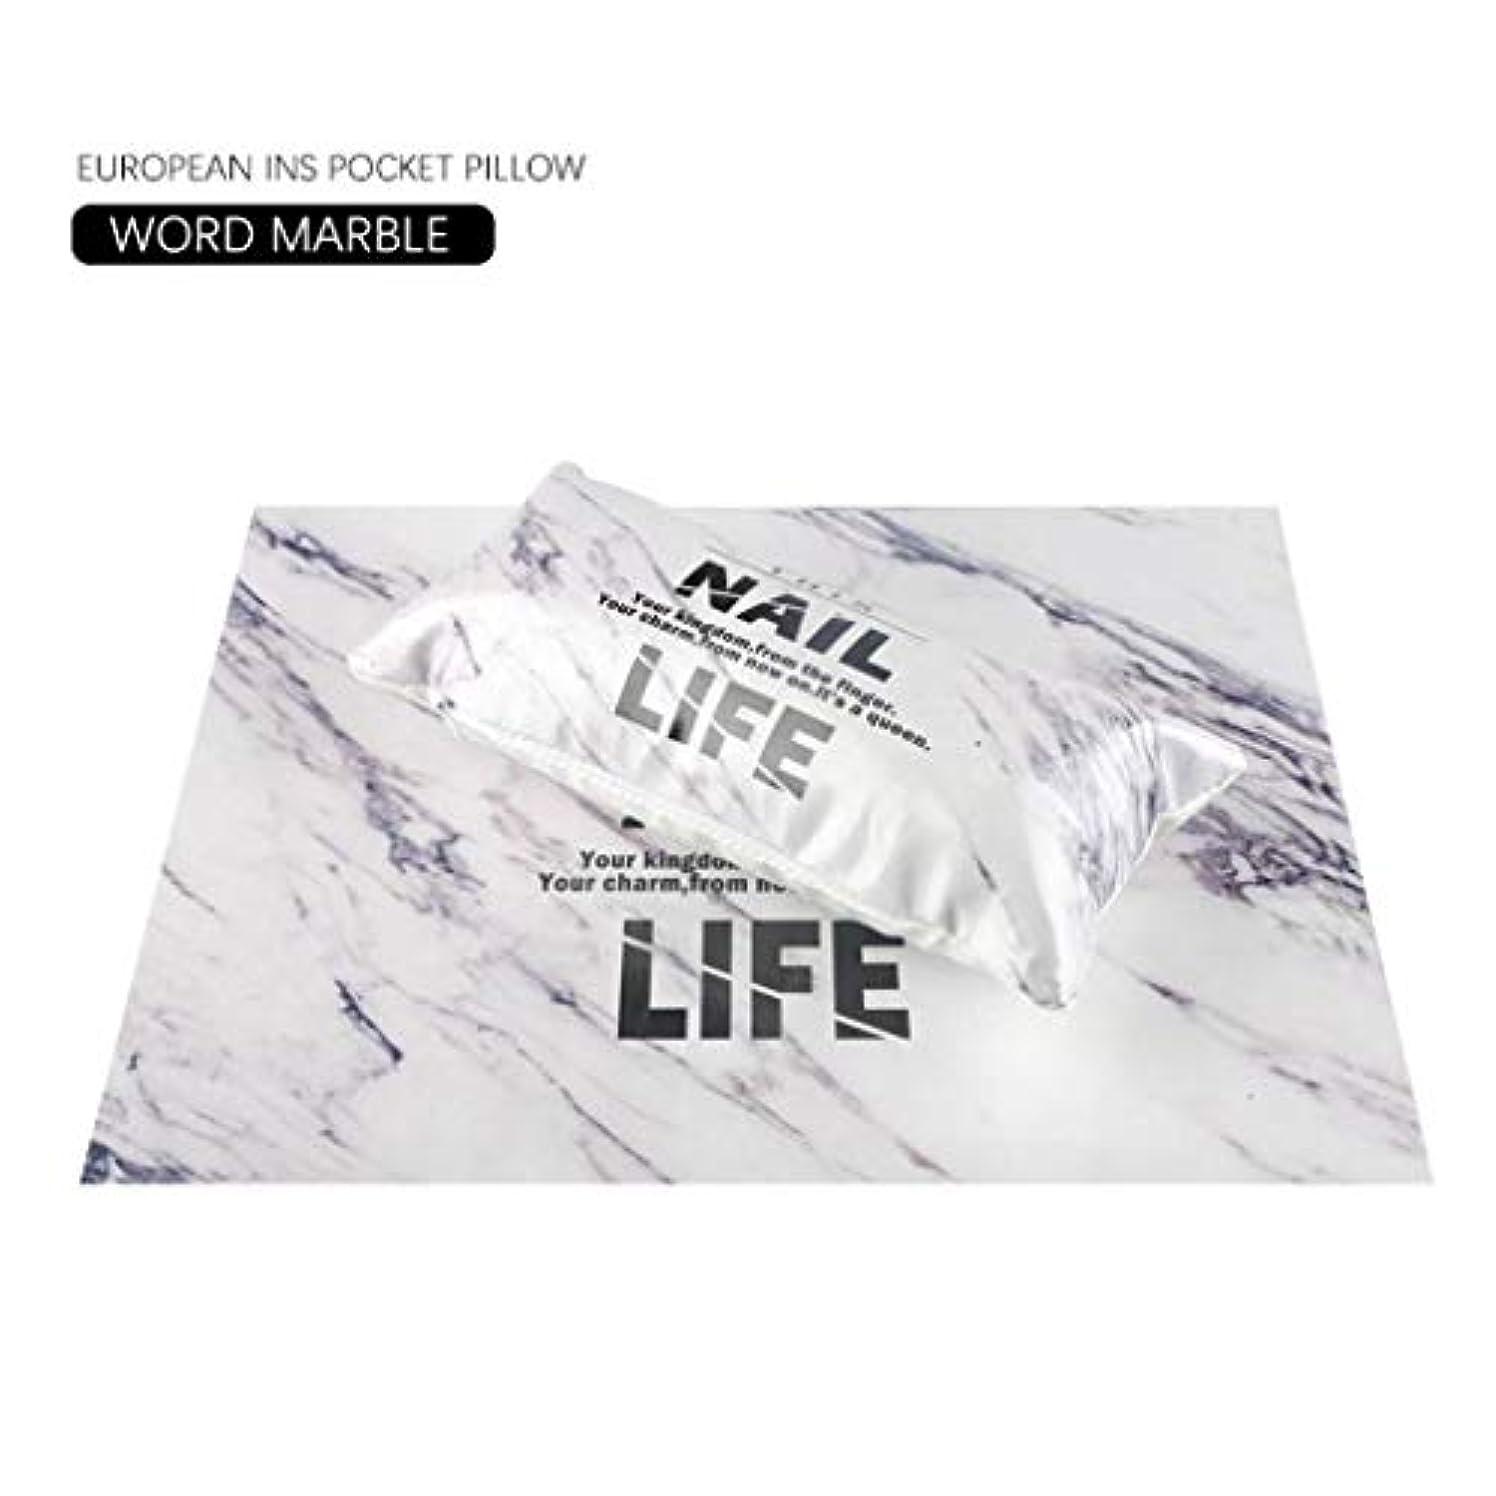 ローマ人黄ばむ見つける欧州INS風マニキュアハンド枕ネイルセット手首枕スポンジ (大理石)